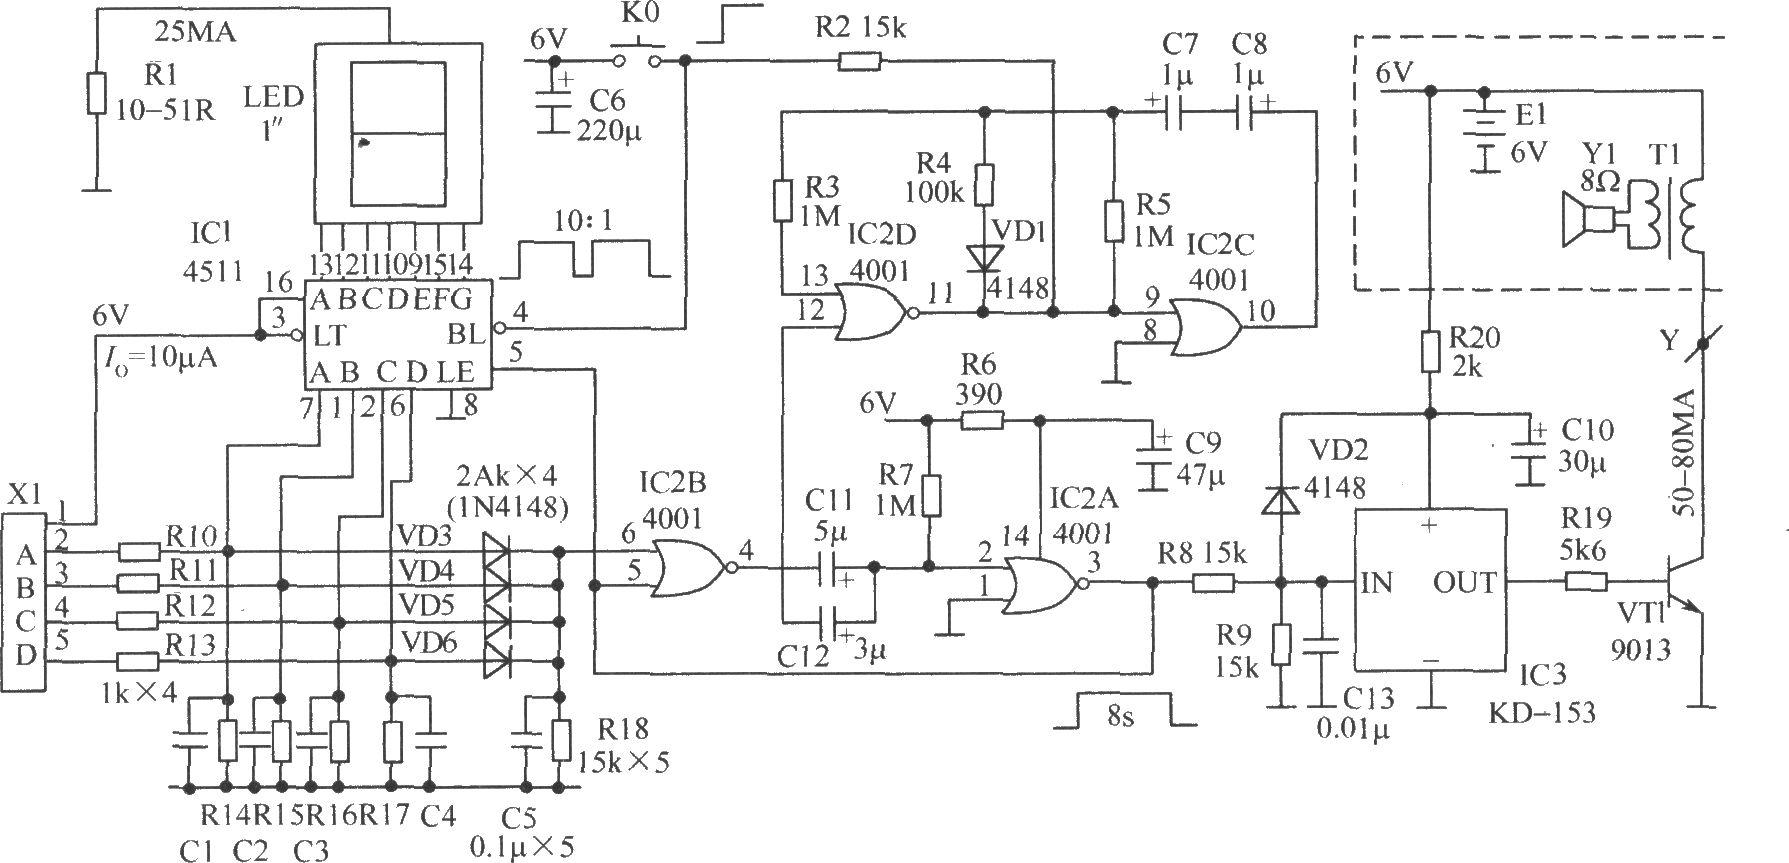 工作原理:x1插座输入abc0 4线作为译码器ic1(4511)二进制输入码